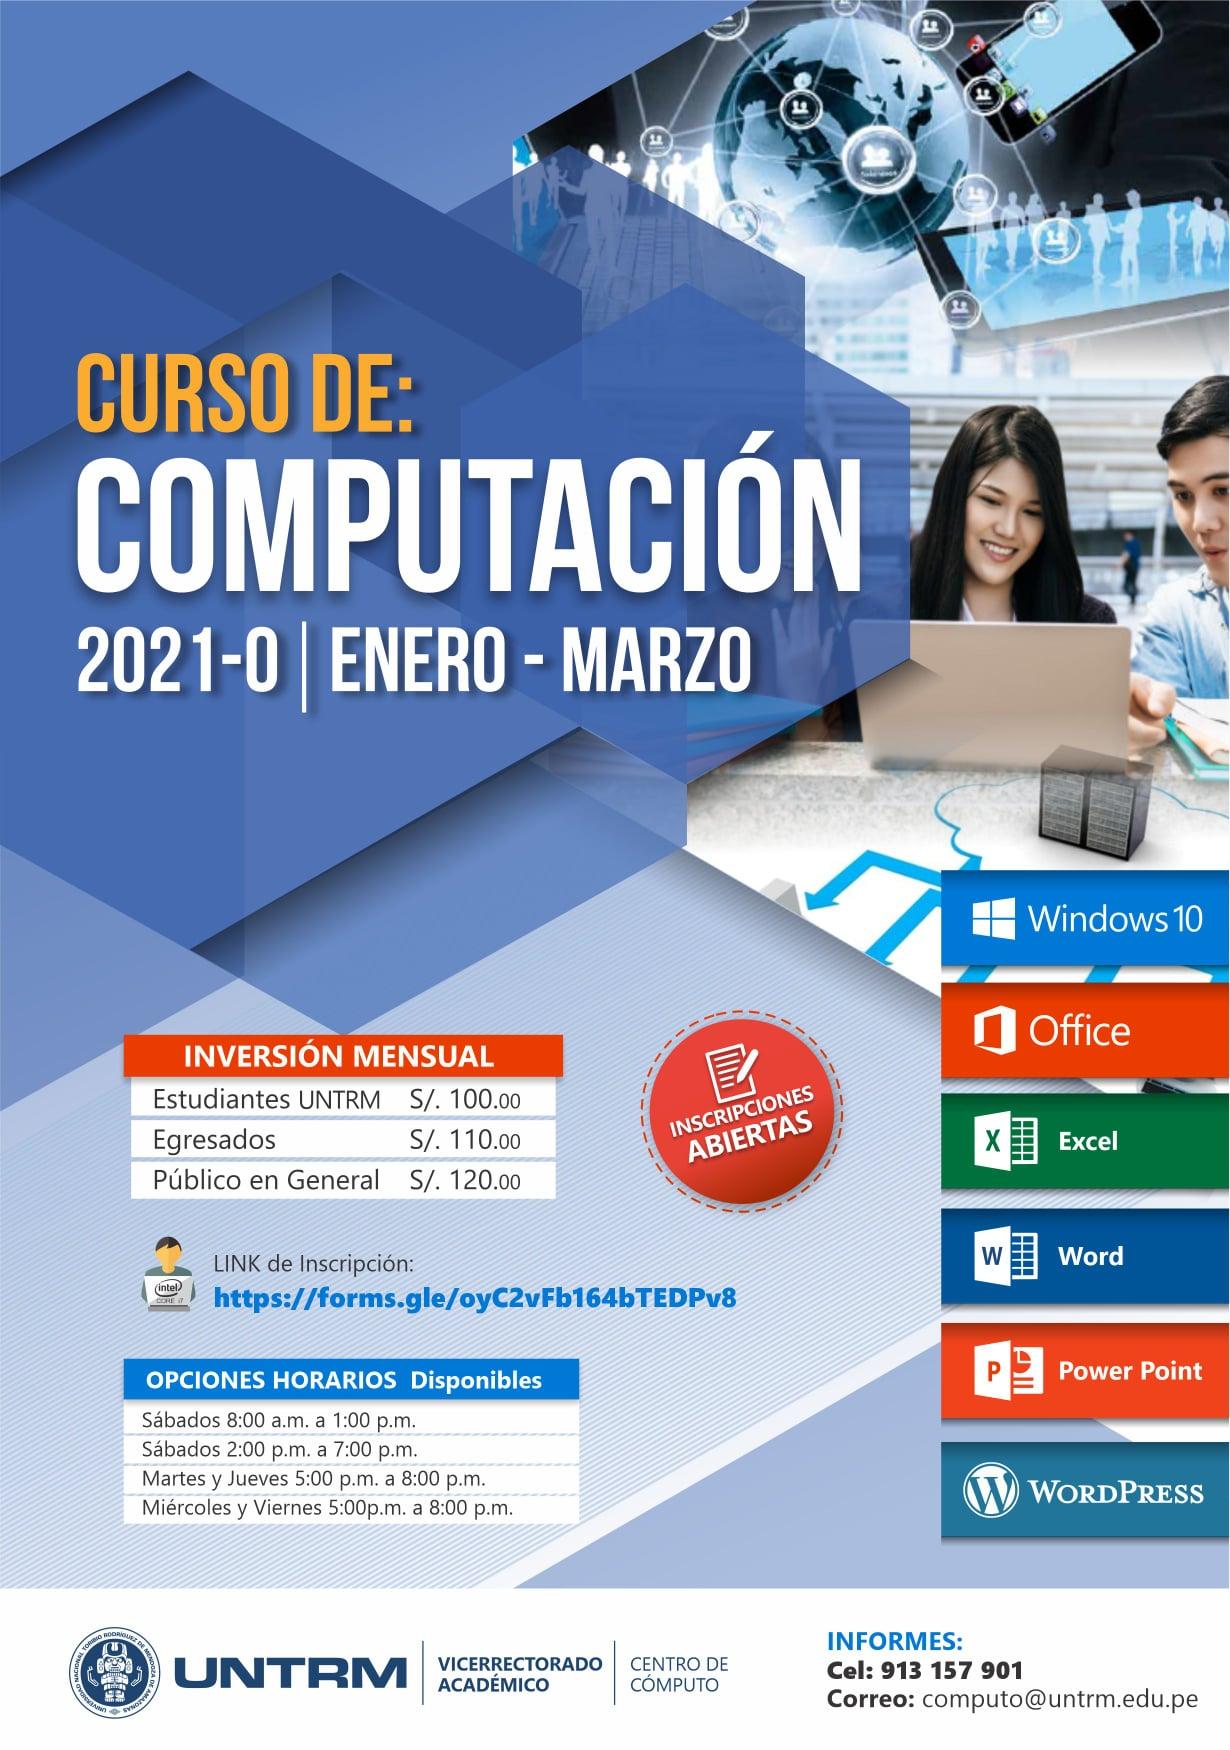 http://untrm.edu.pe/images/201116_CENTRO_DE_CÓMPUTO.jpg